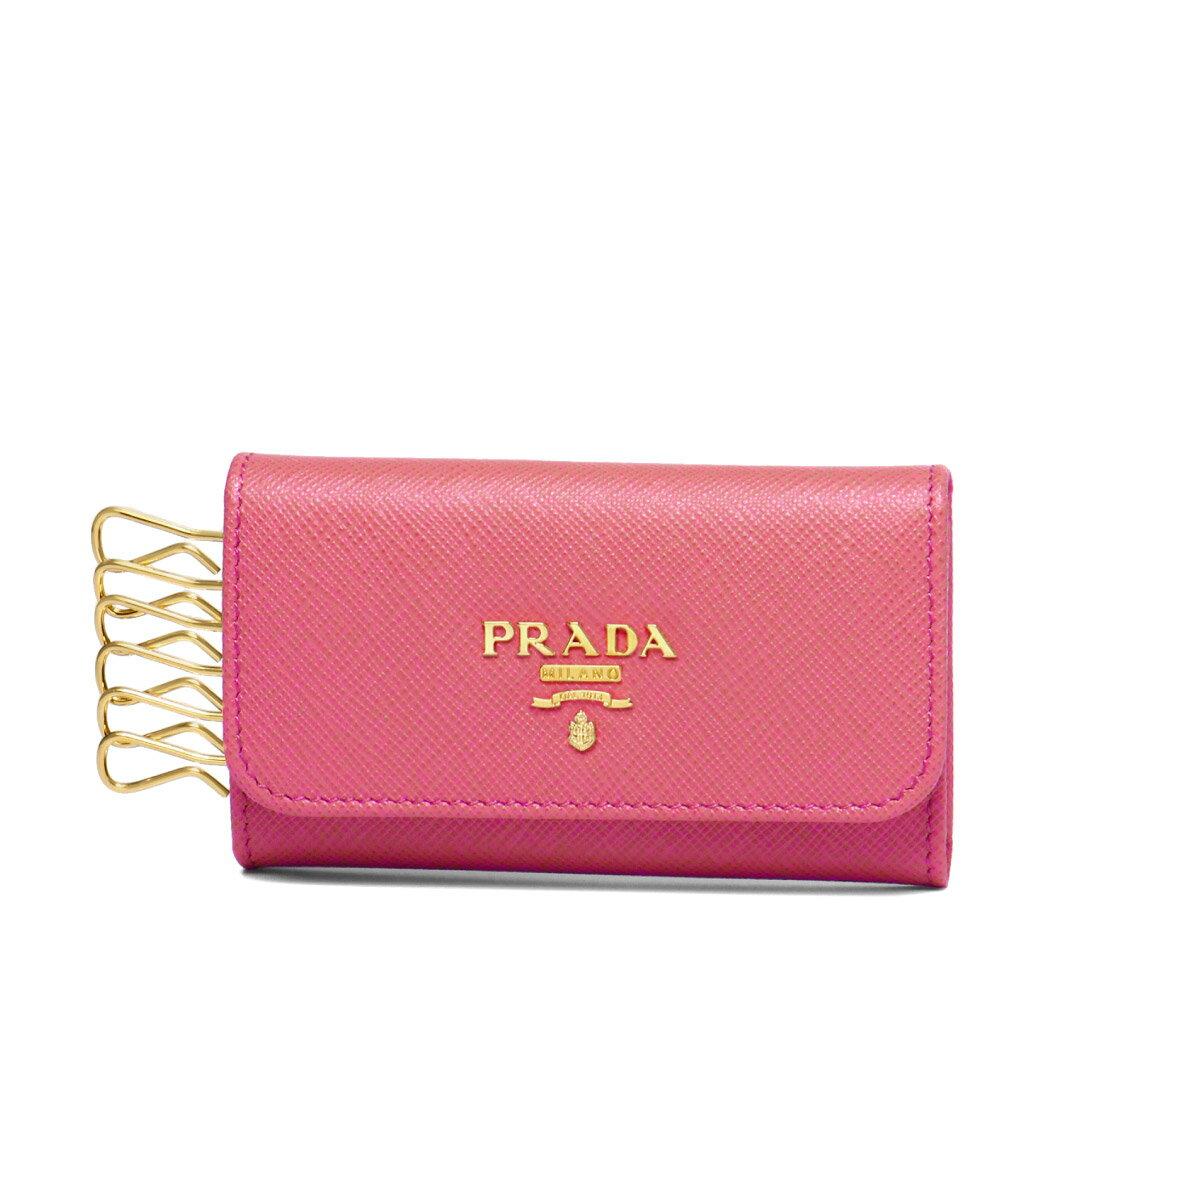 プラダ PRADA キーケース レディース 1PG222 QWA F0505 SAFFIANO METAL PEONIA ピンク